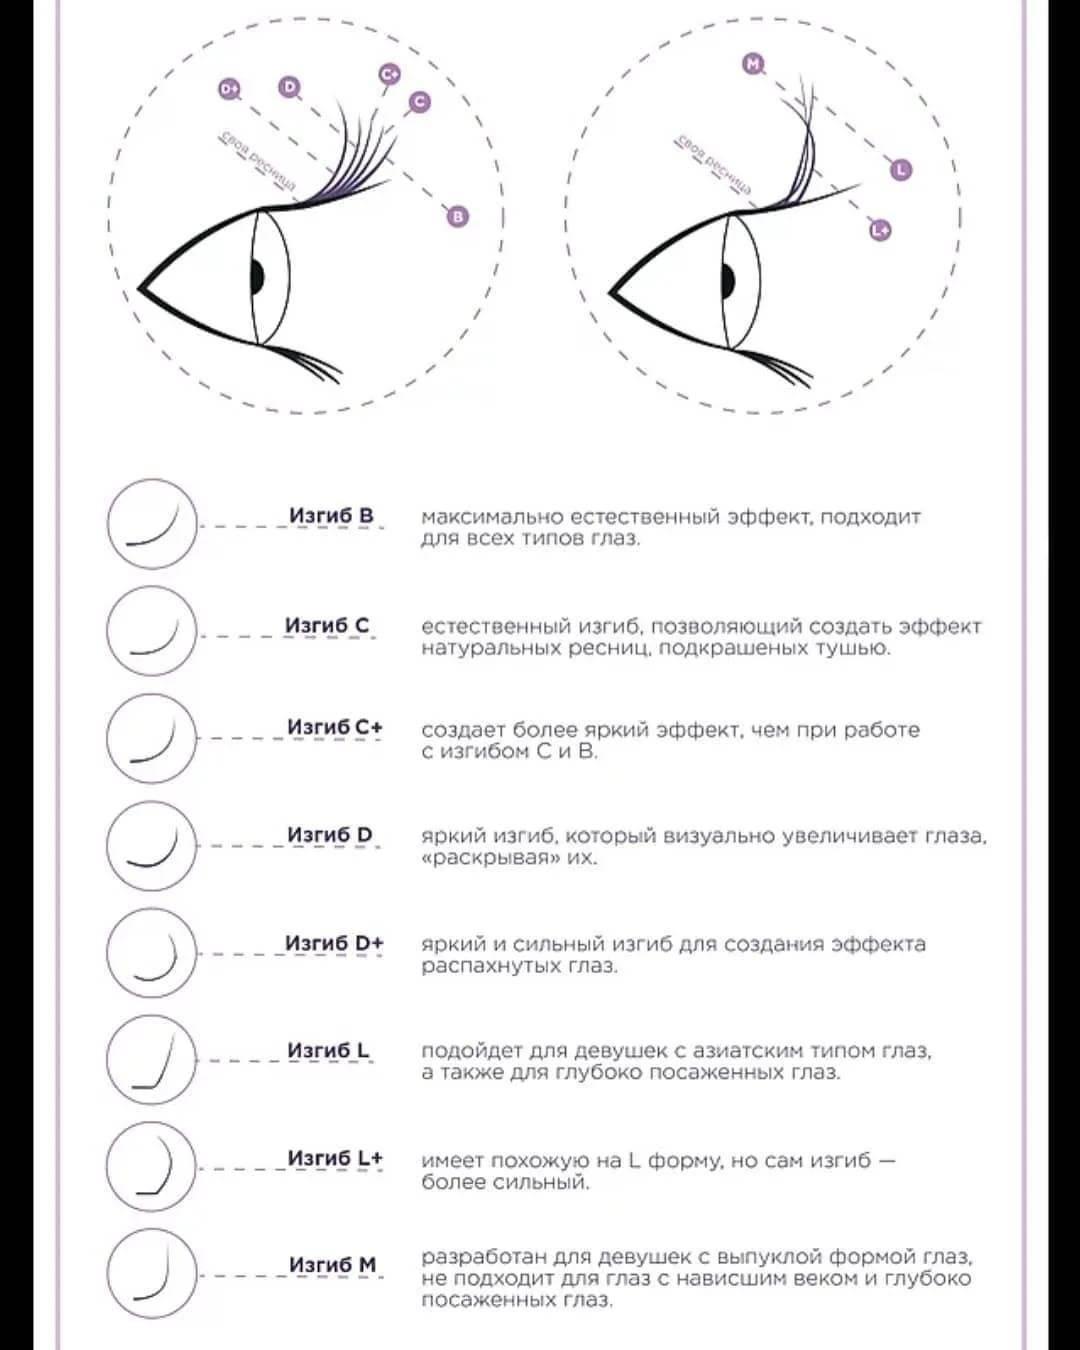 Завитки ресниц при наращивании - отличие, подбор по эффекту и форме глаз